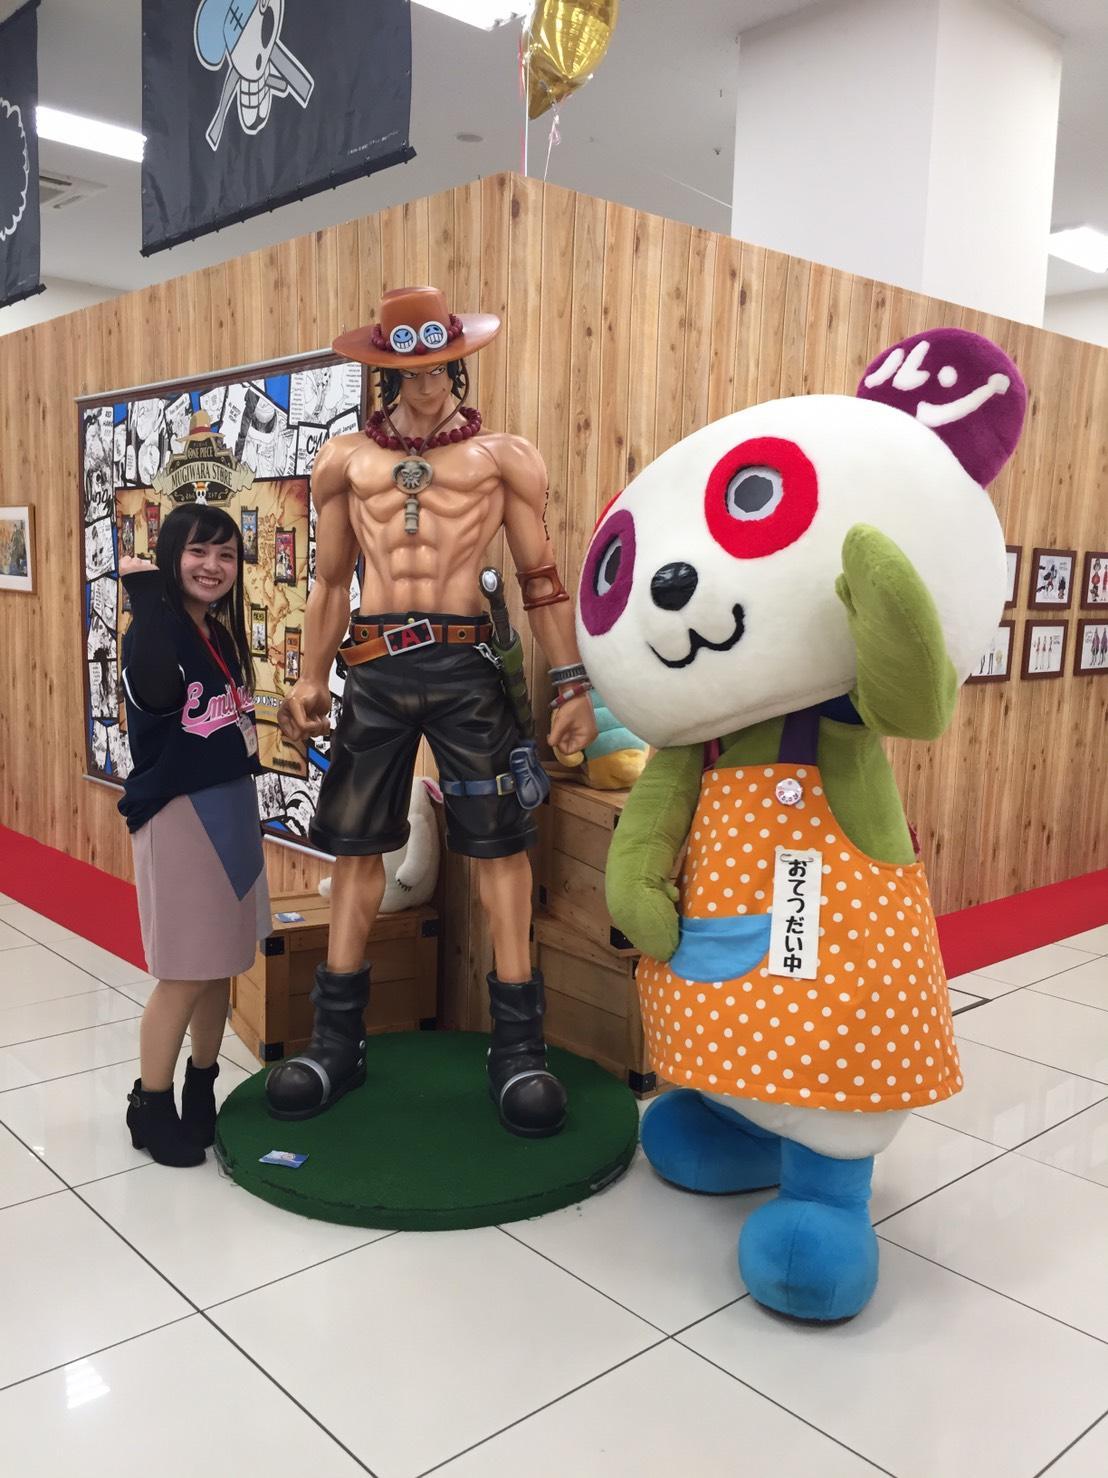 https://emifull.jp/emifulls_blog/11th/uploads/0330-7.jpg